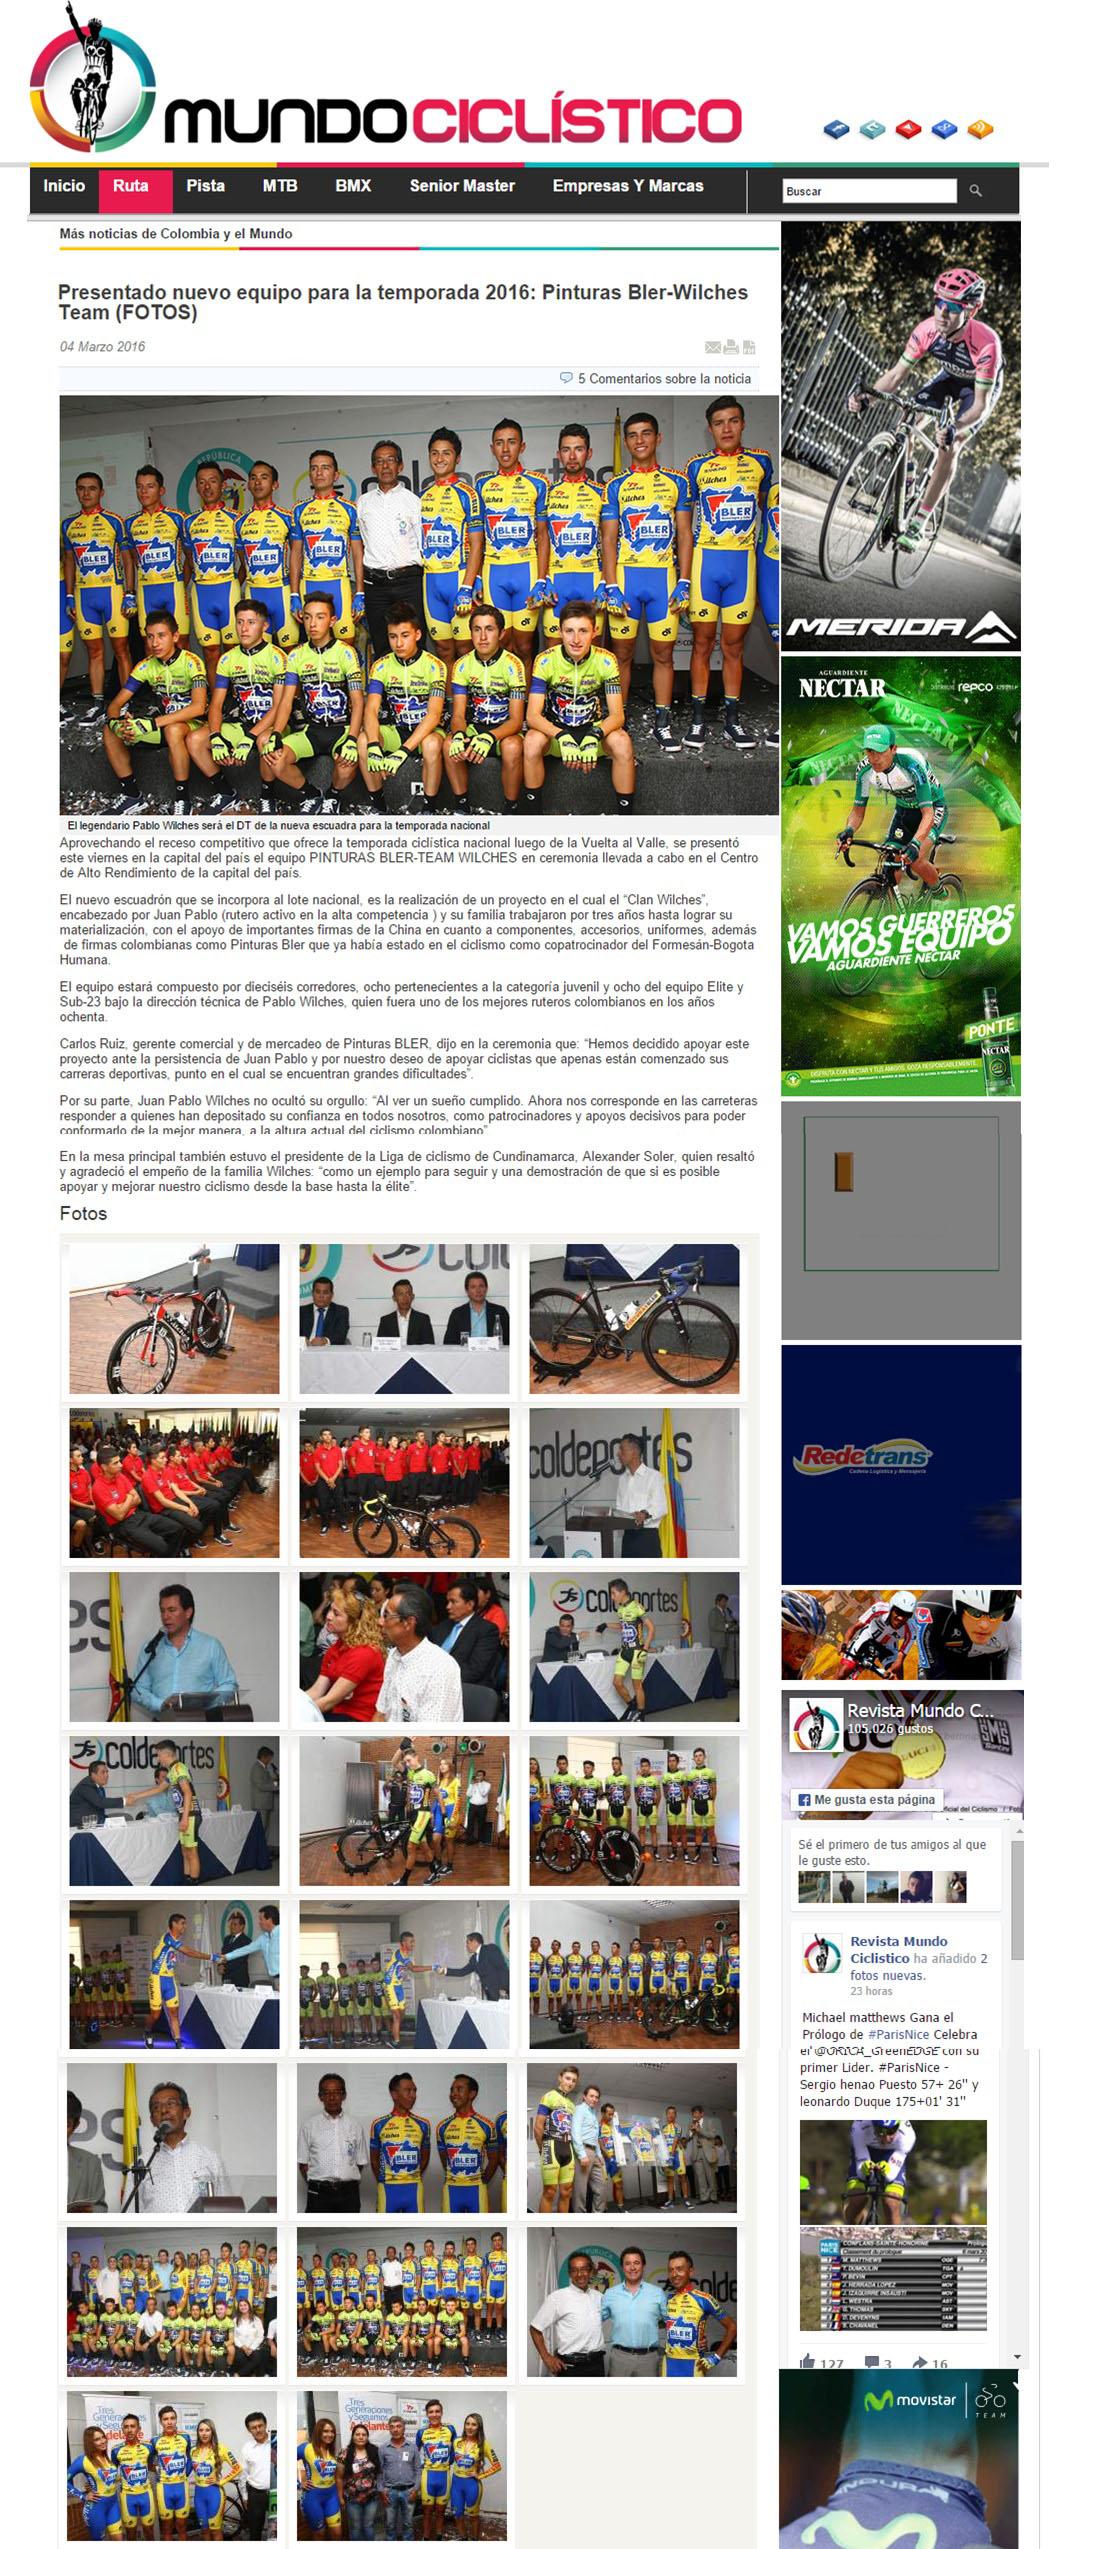 Mundo Ciclista 4 de Marzo 2015 [web]